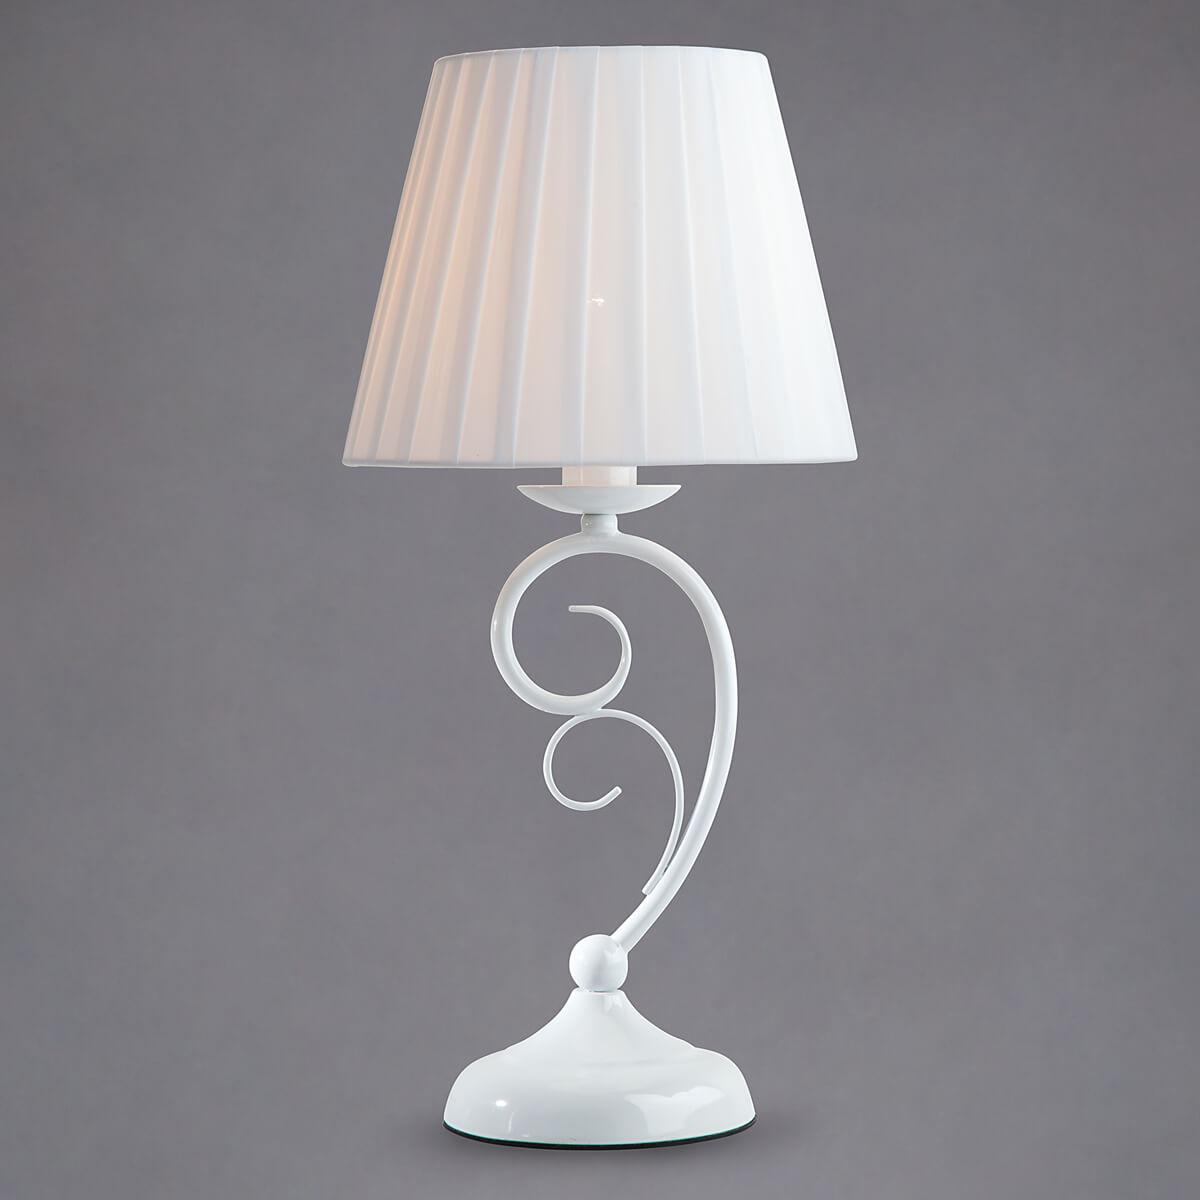 Настольная лампа Bogates Severina 01090/1 лампа настольная декоративная bogates 01090 1